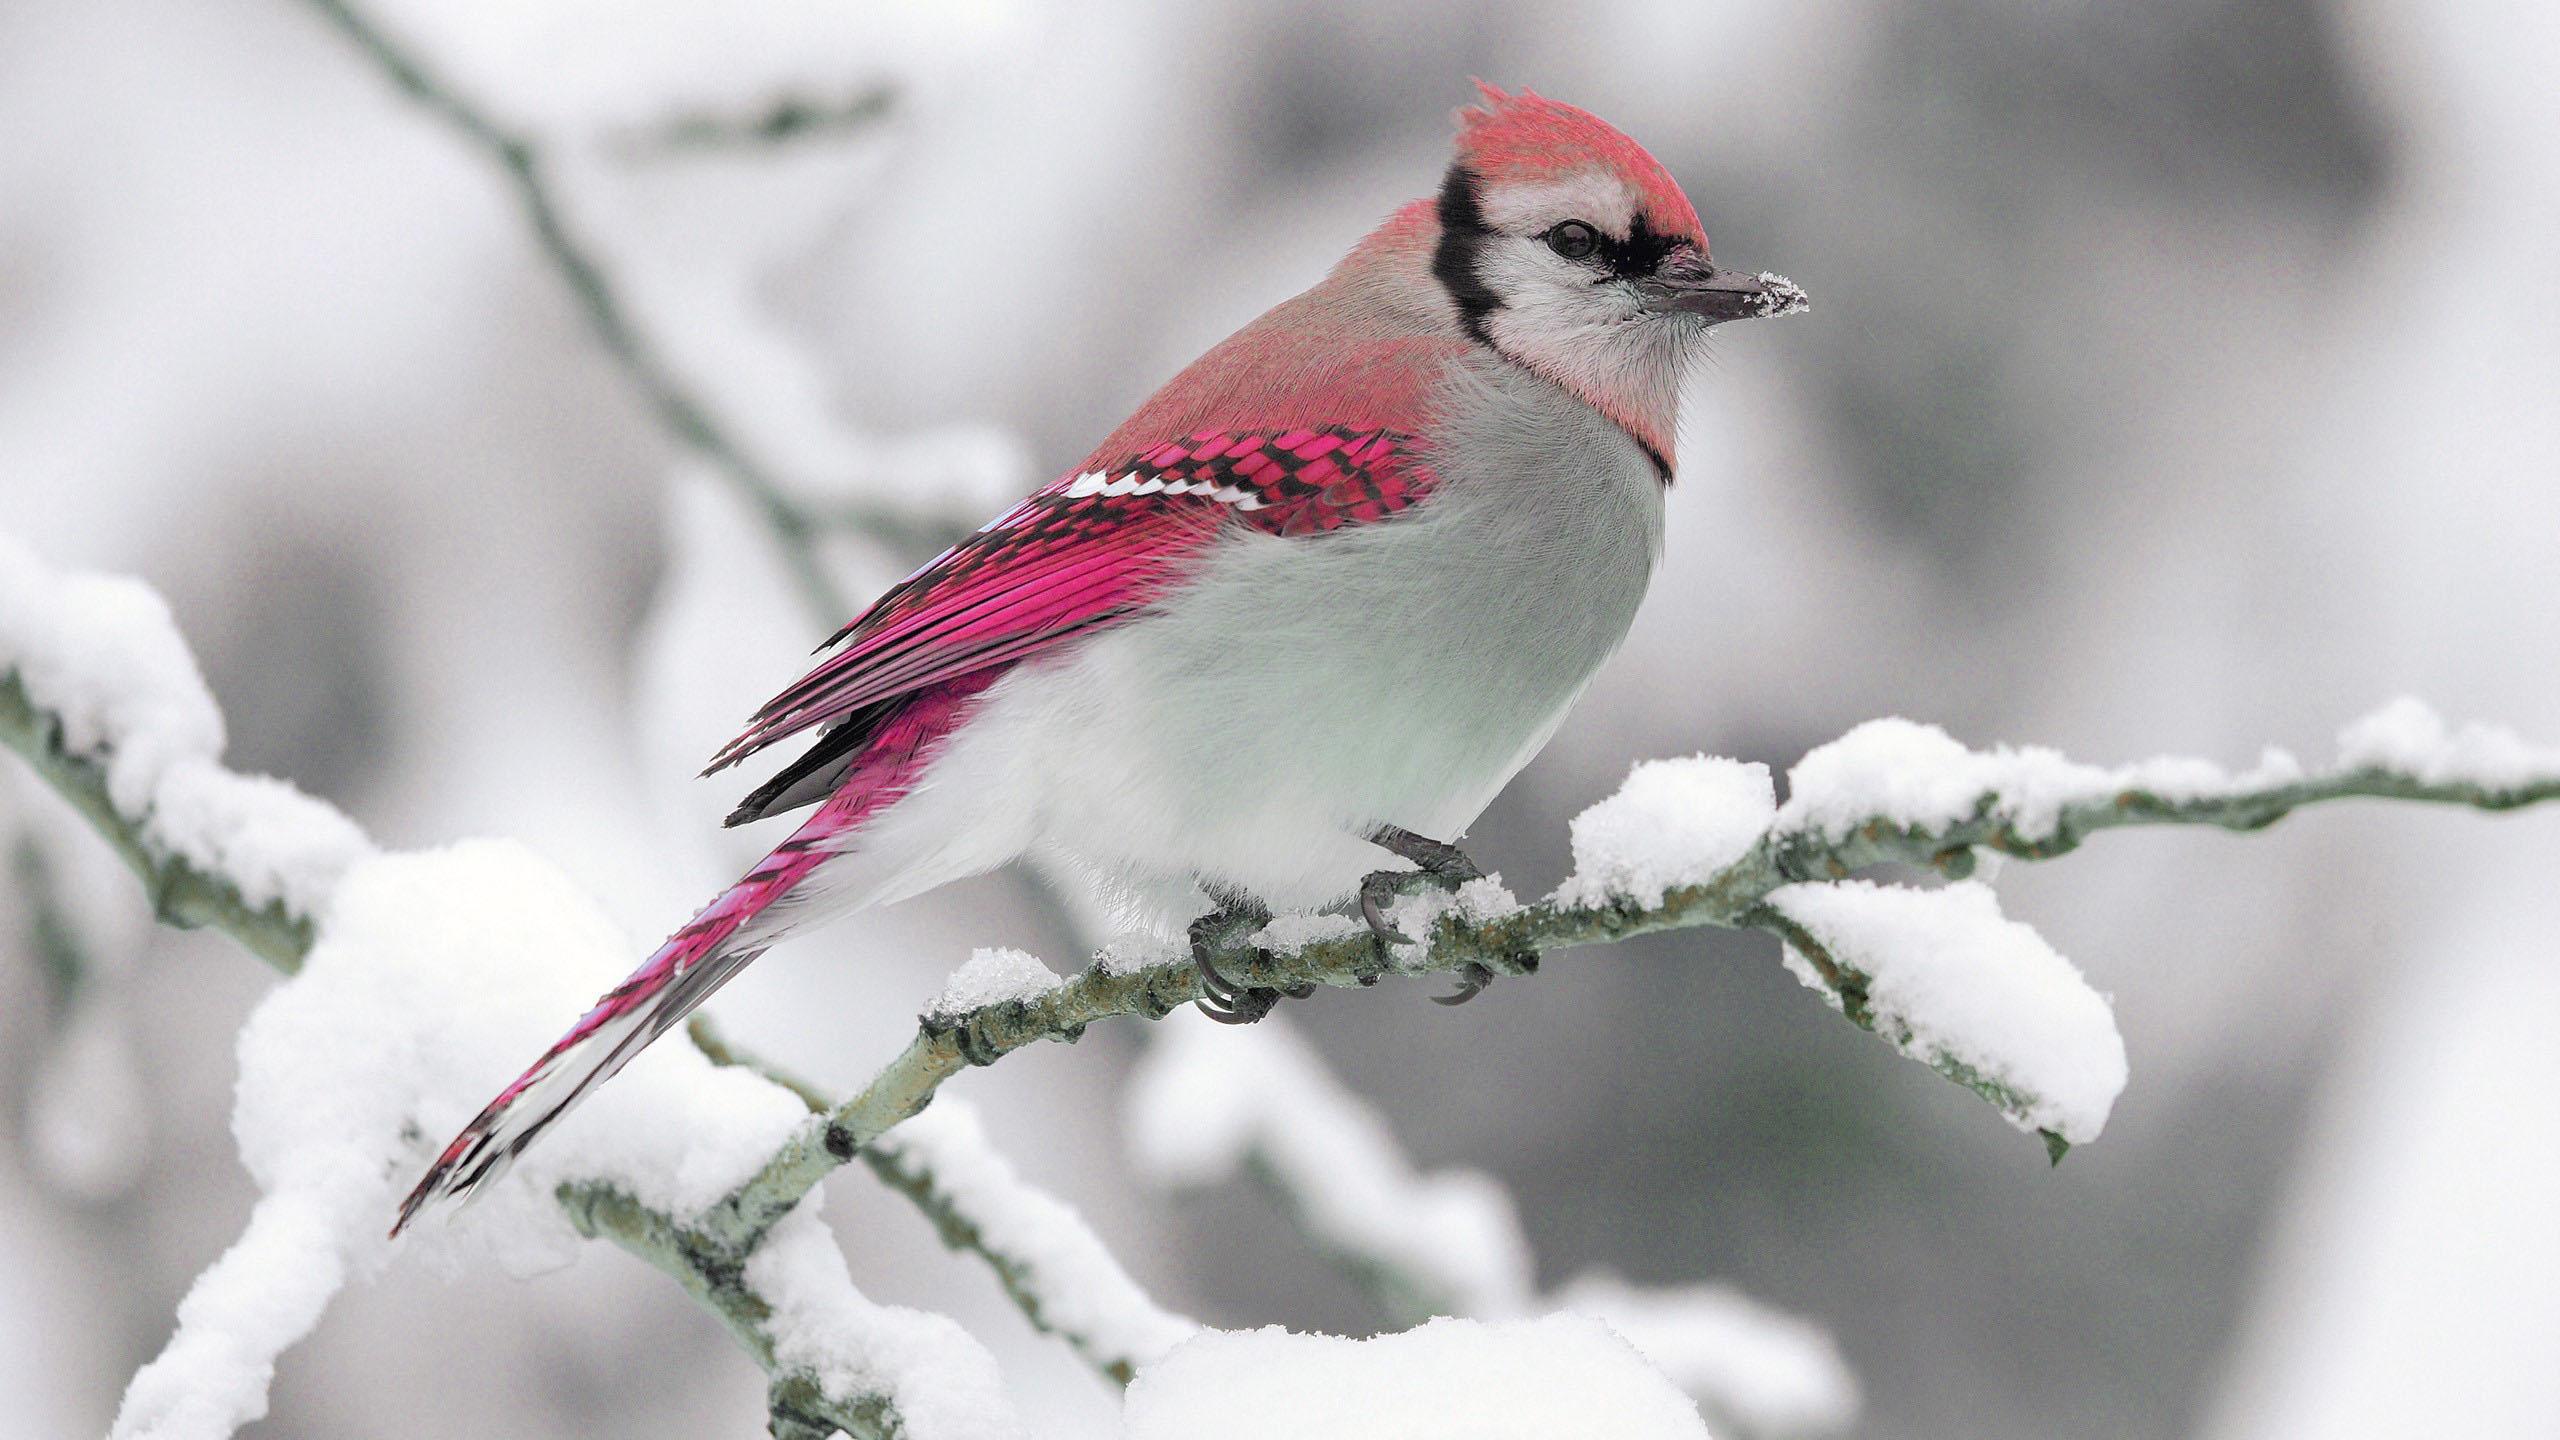 Hình nền mùa đông cực đẹp